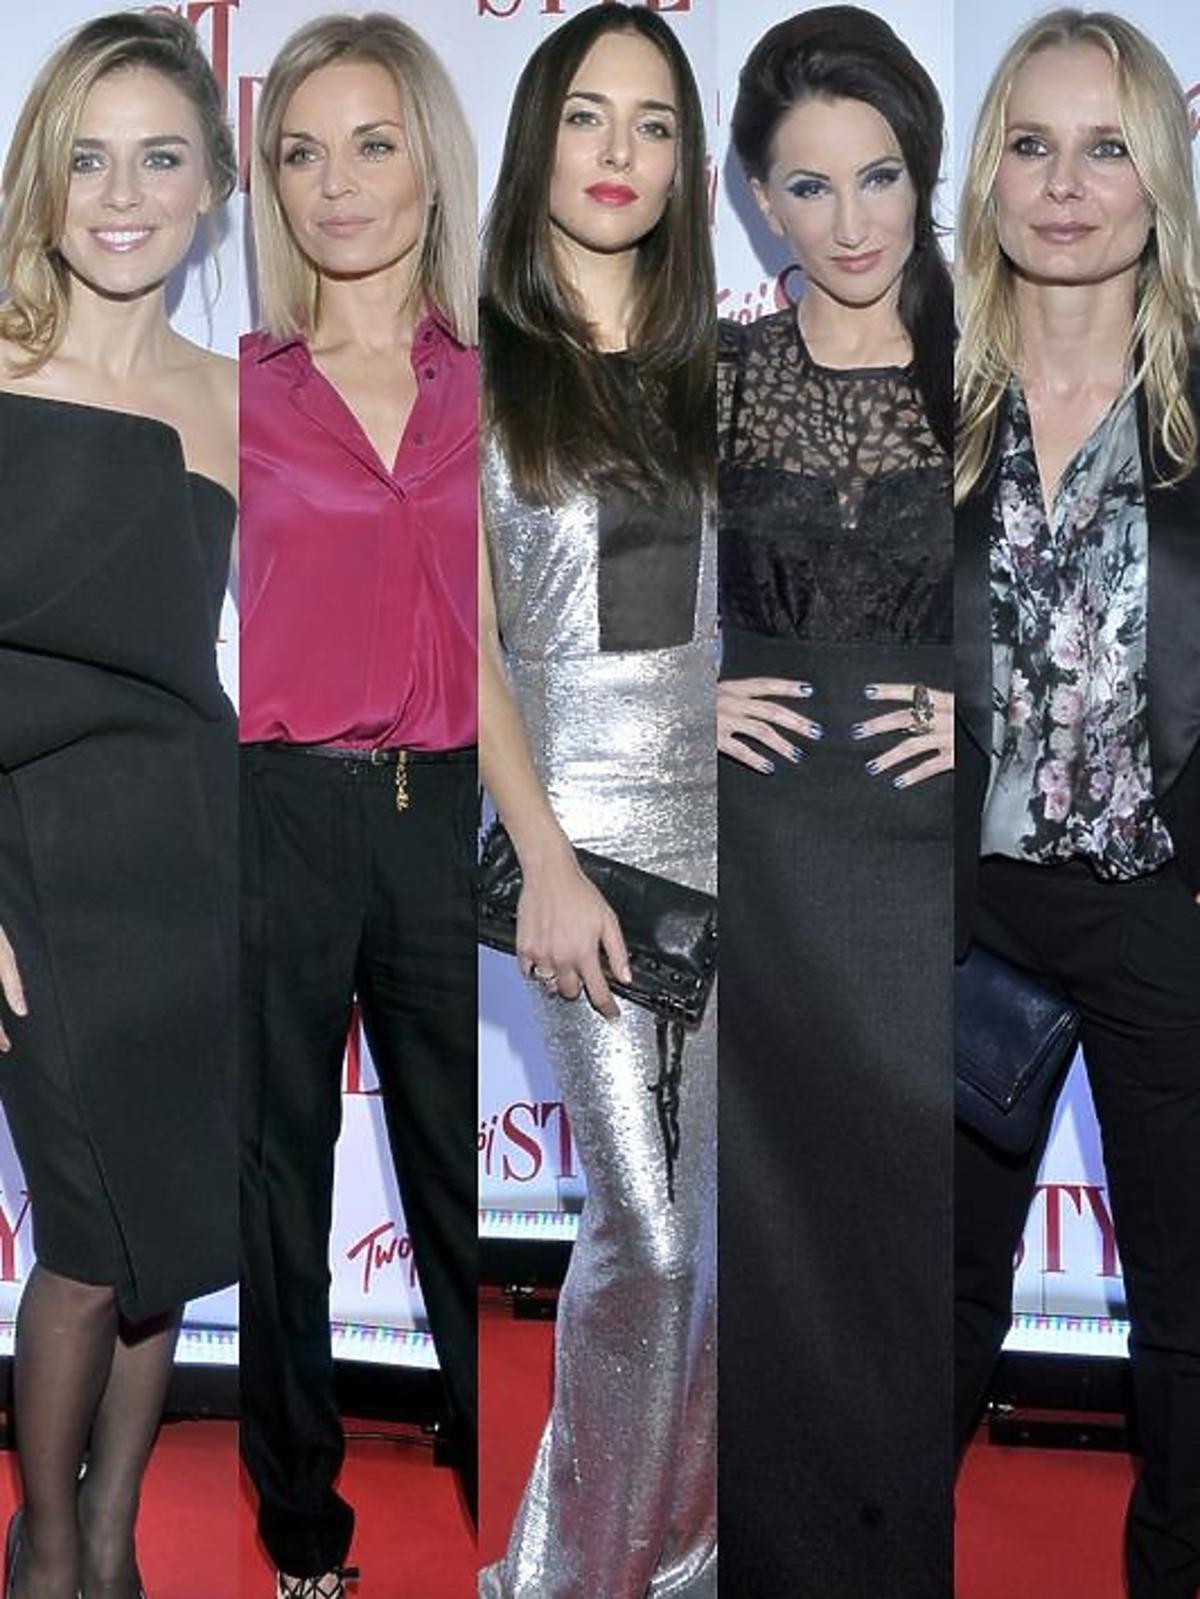 Gwiazdy na gali Doskonałość Roku Twojego Stylu 2012